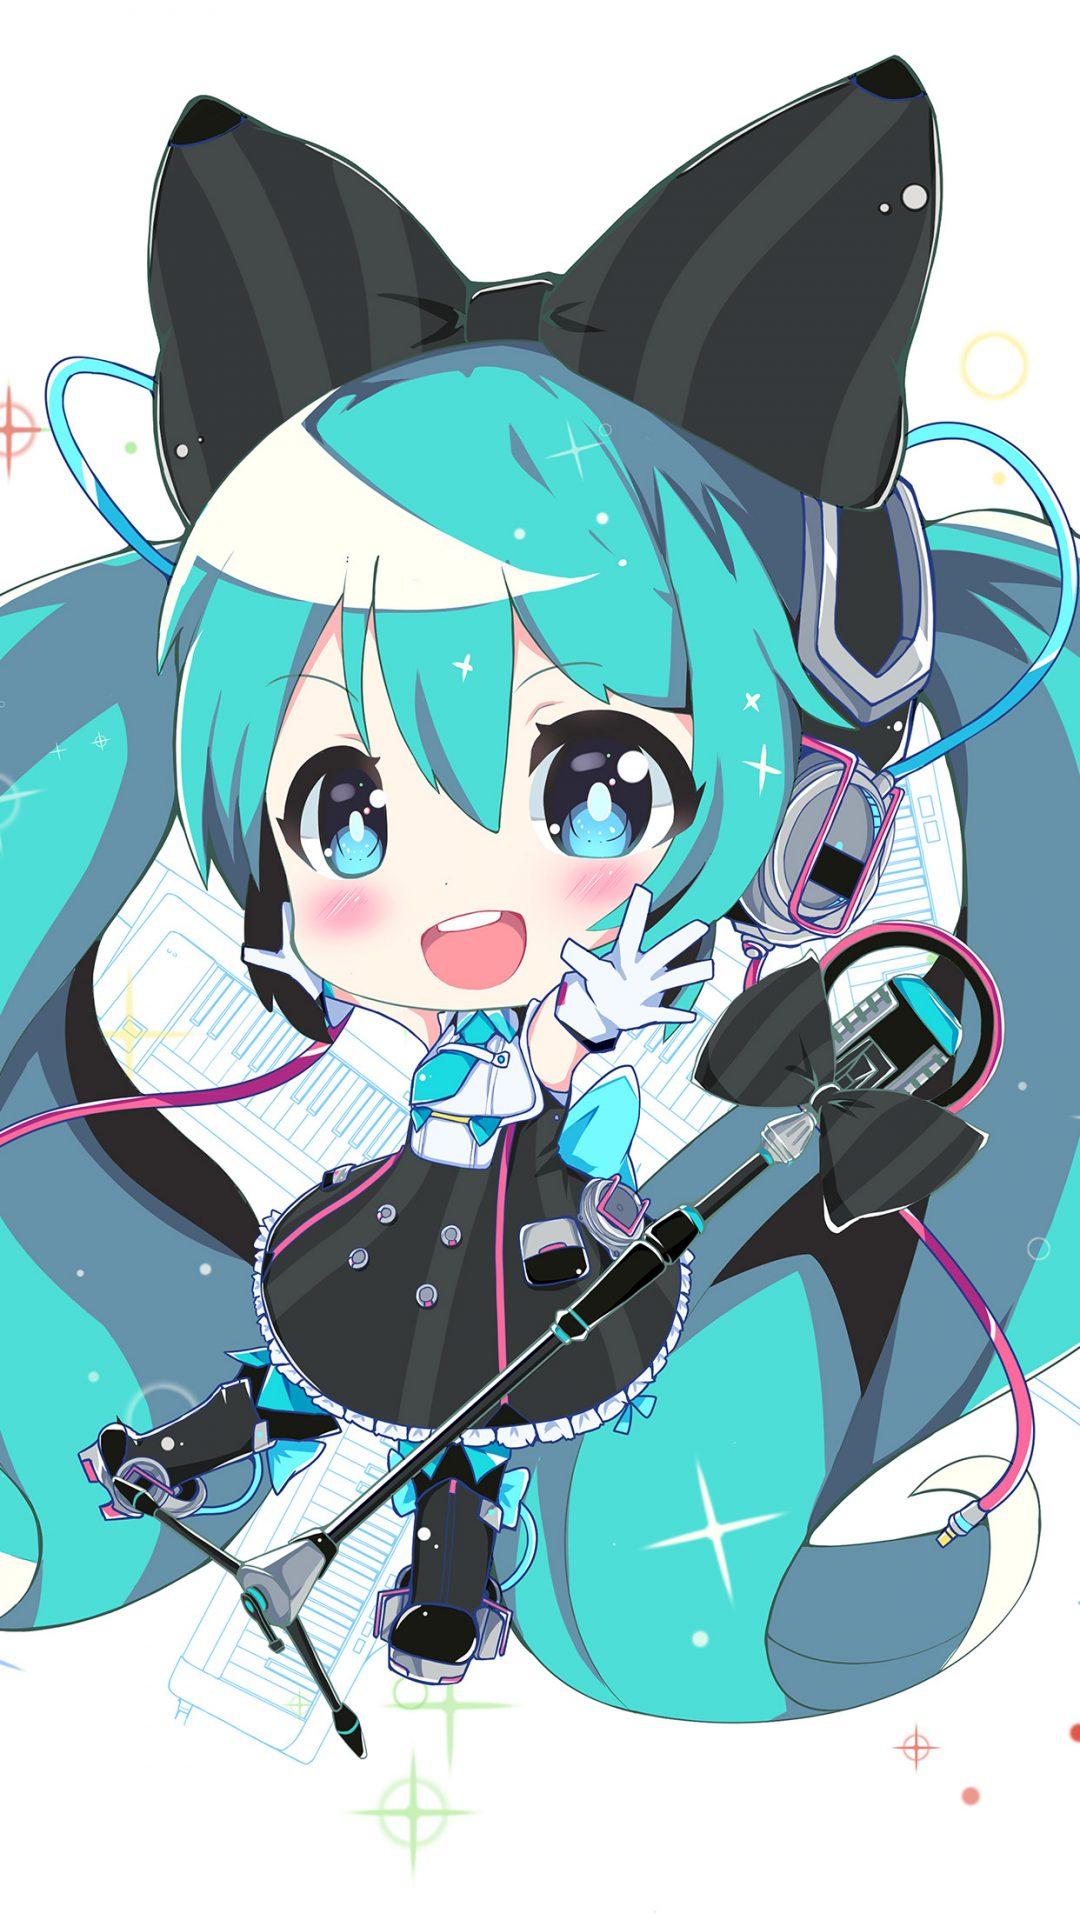 Hatsune Miku Anime Girl Blue Illustration Art